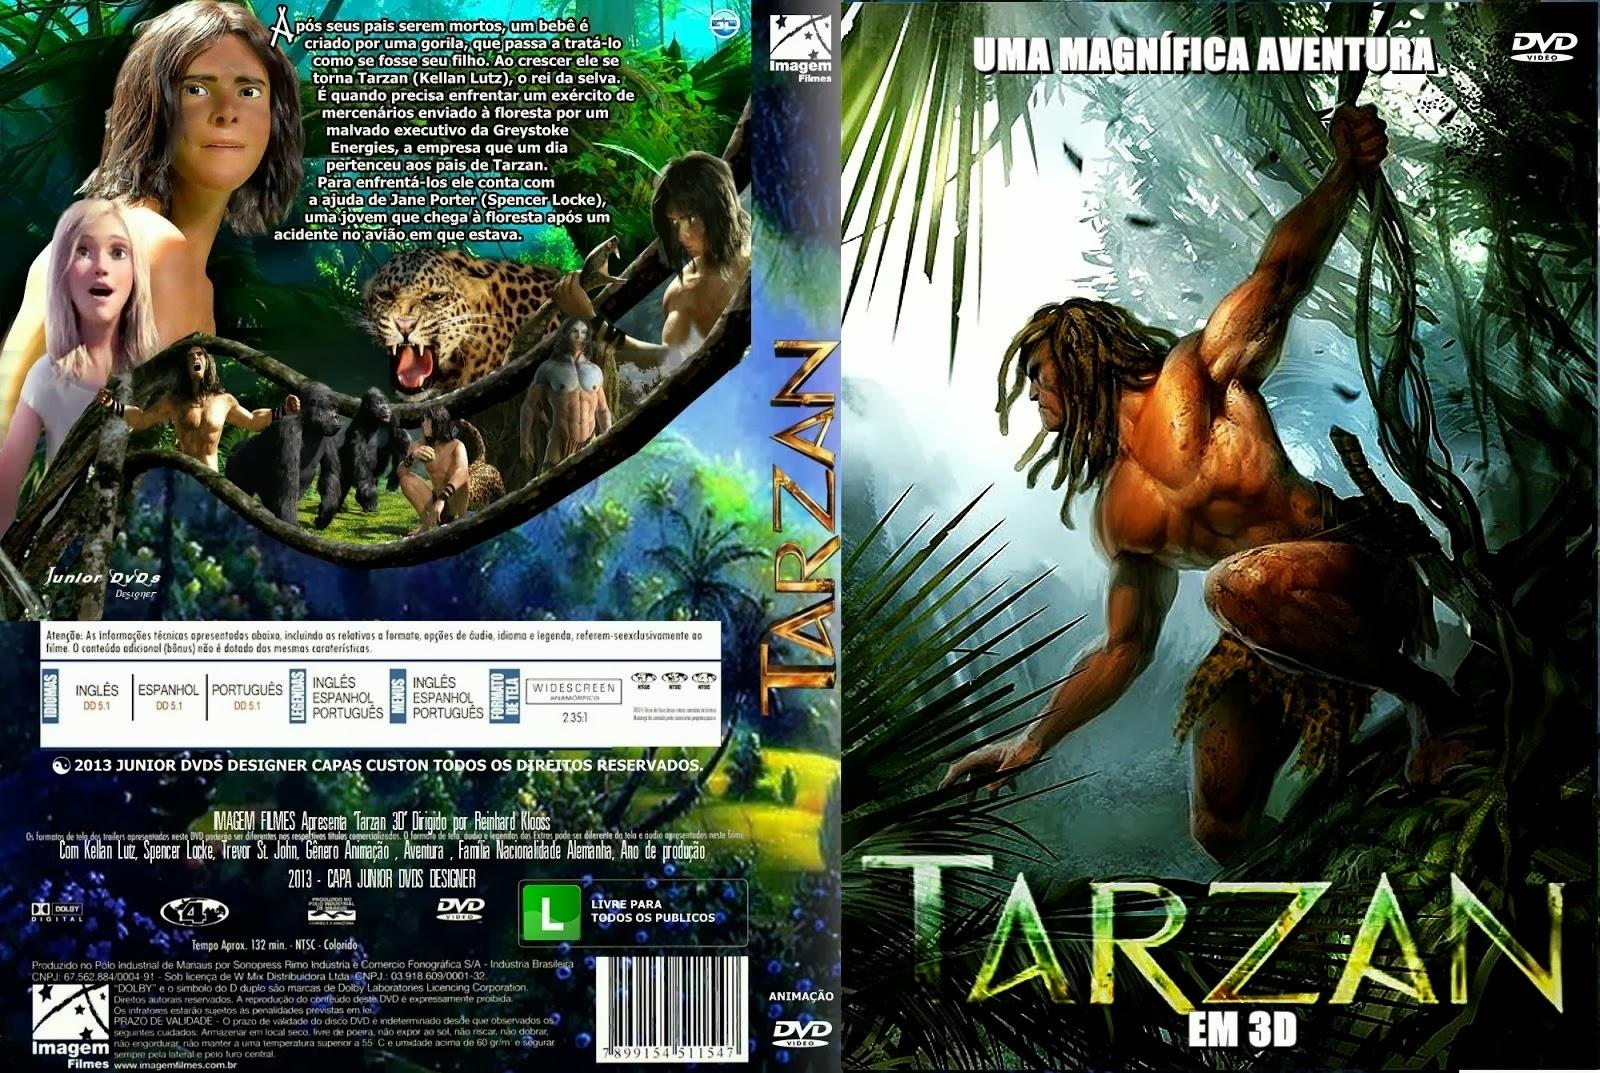 aventura animacao  Baixar Tarzan   A Evolução da Lenda  Dublado Torrent AVI Legendado Online